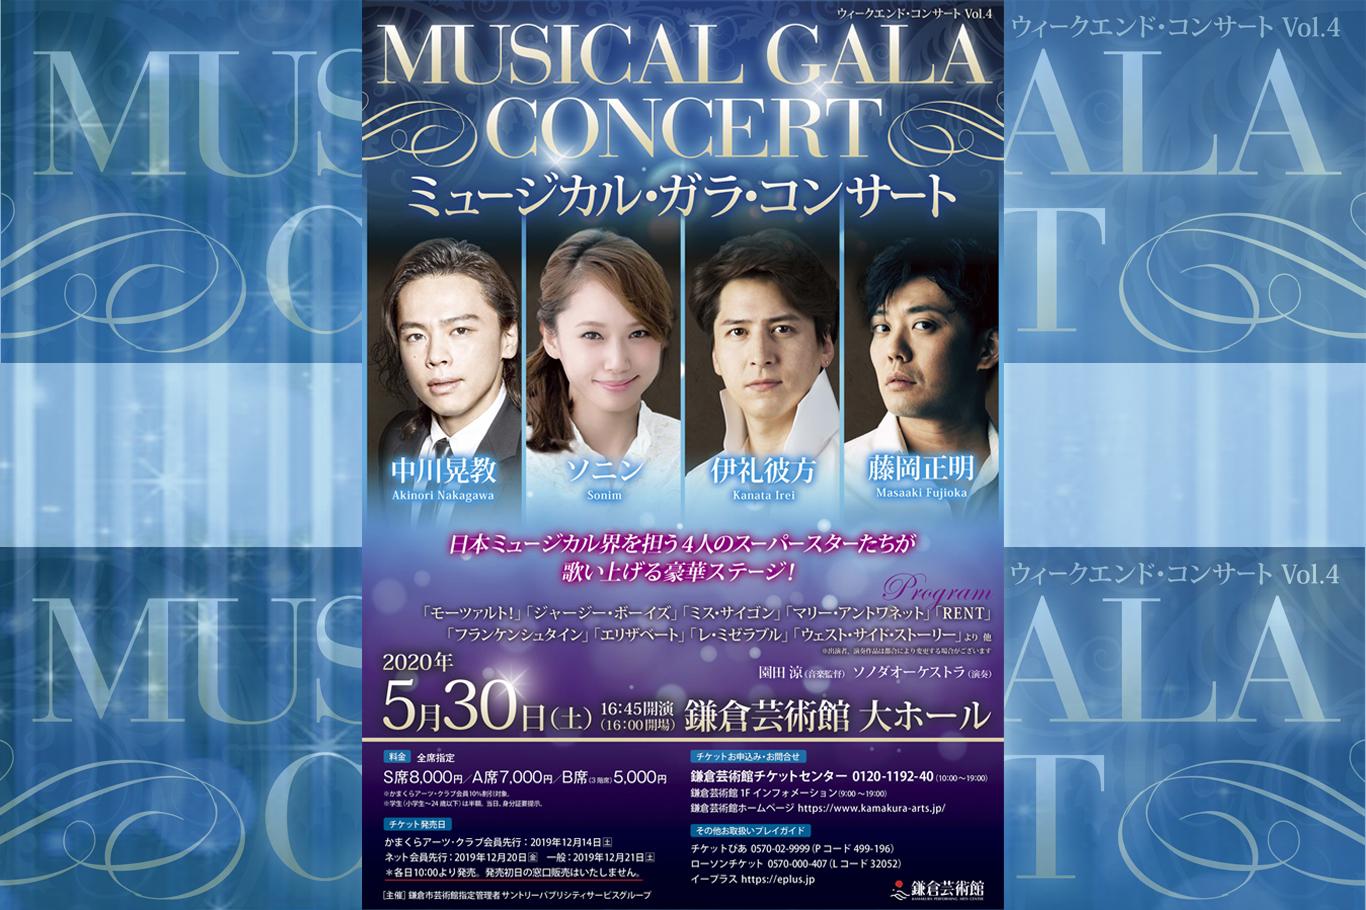 202005ミュージカル・ガラ・コンサート